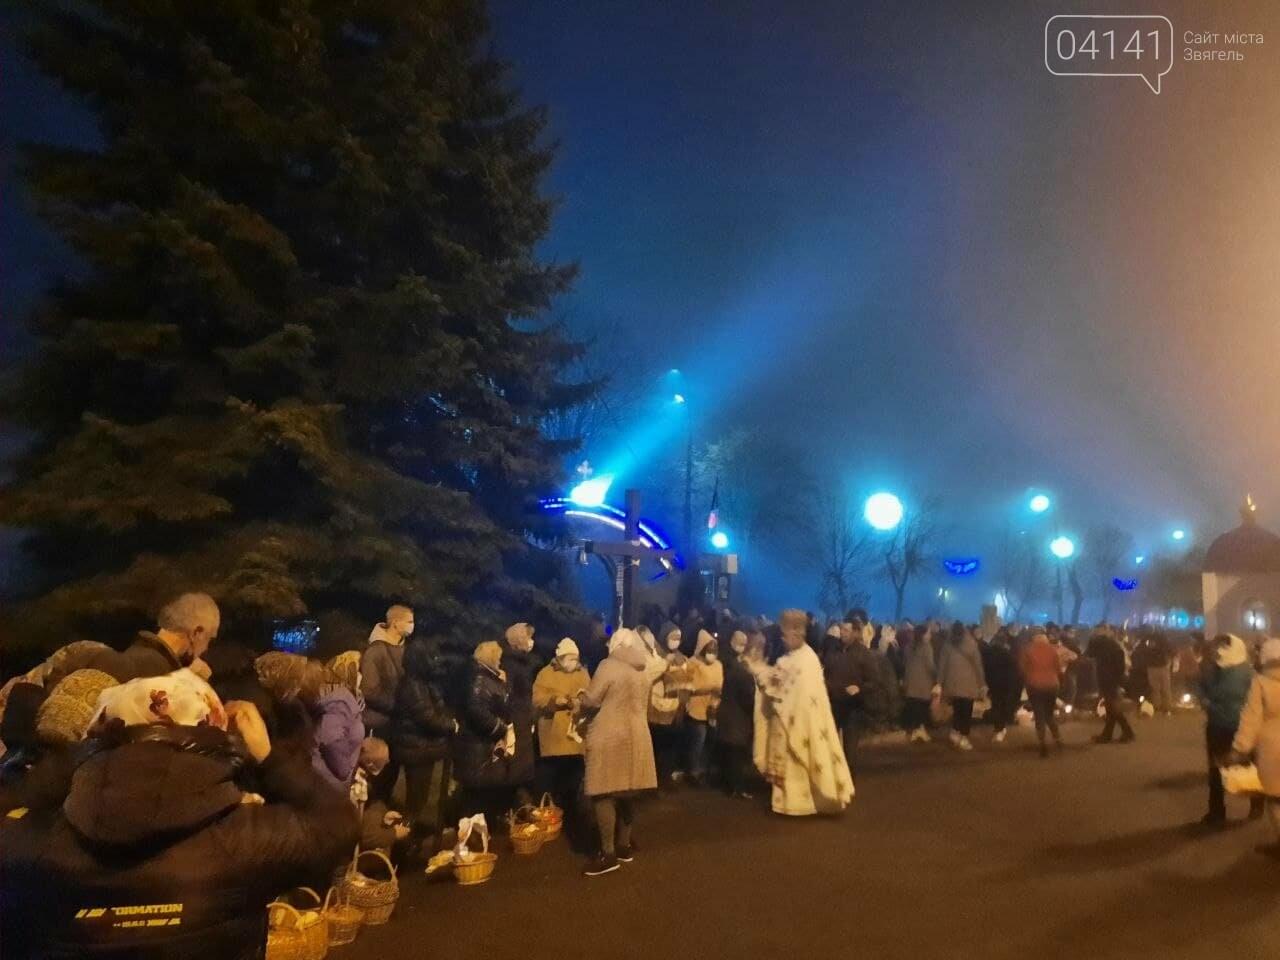 Христос Воскрес! Воістину Воскрес!: Новоград-волинці святкують Великдень-2021, фото-2